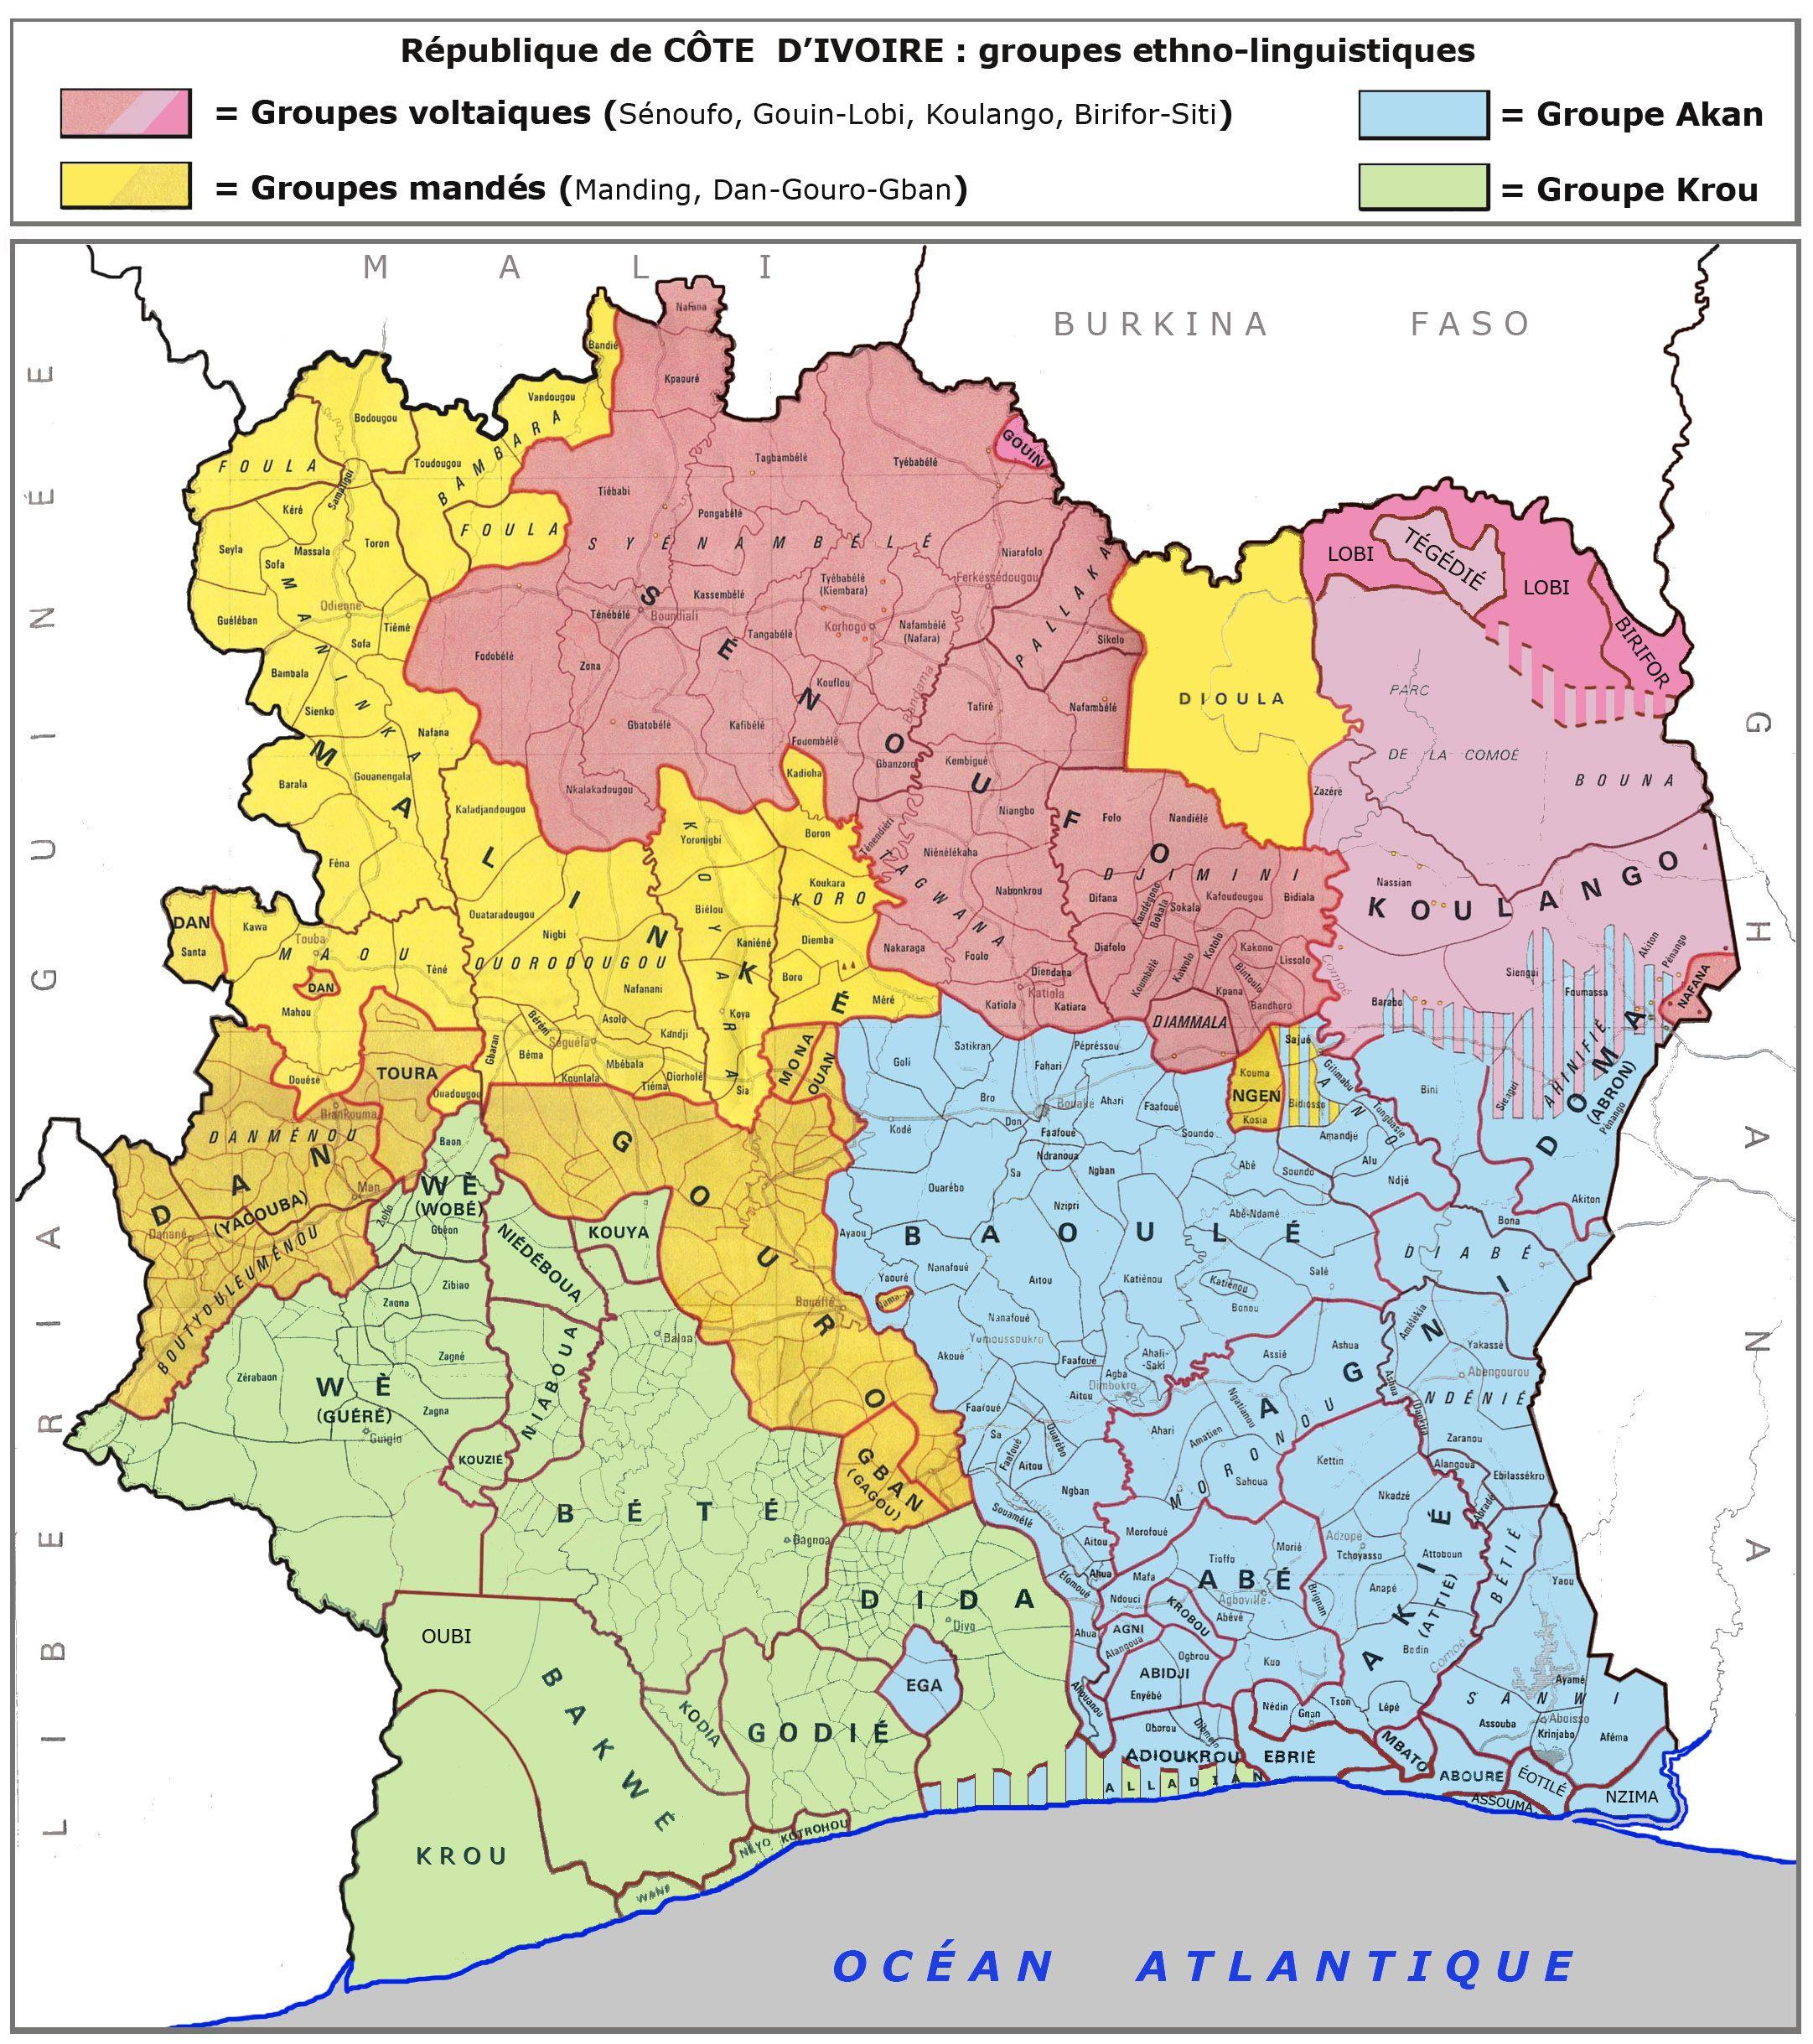 Carte des éthnies de la Côte d'Ivoire